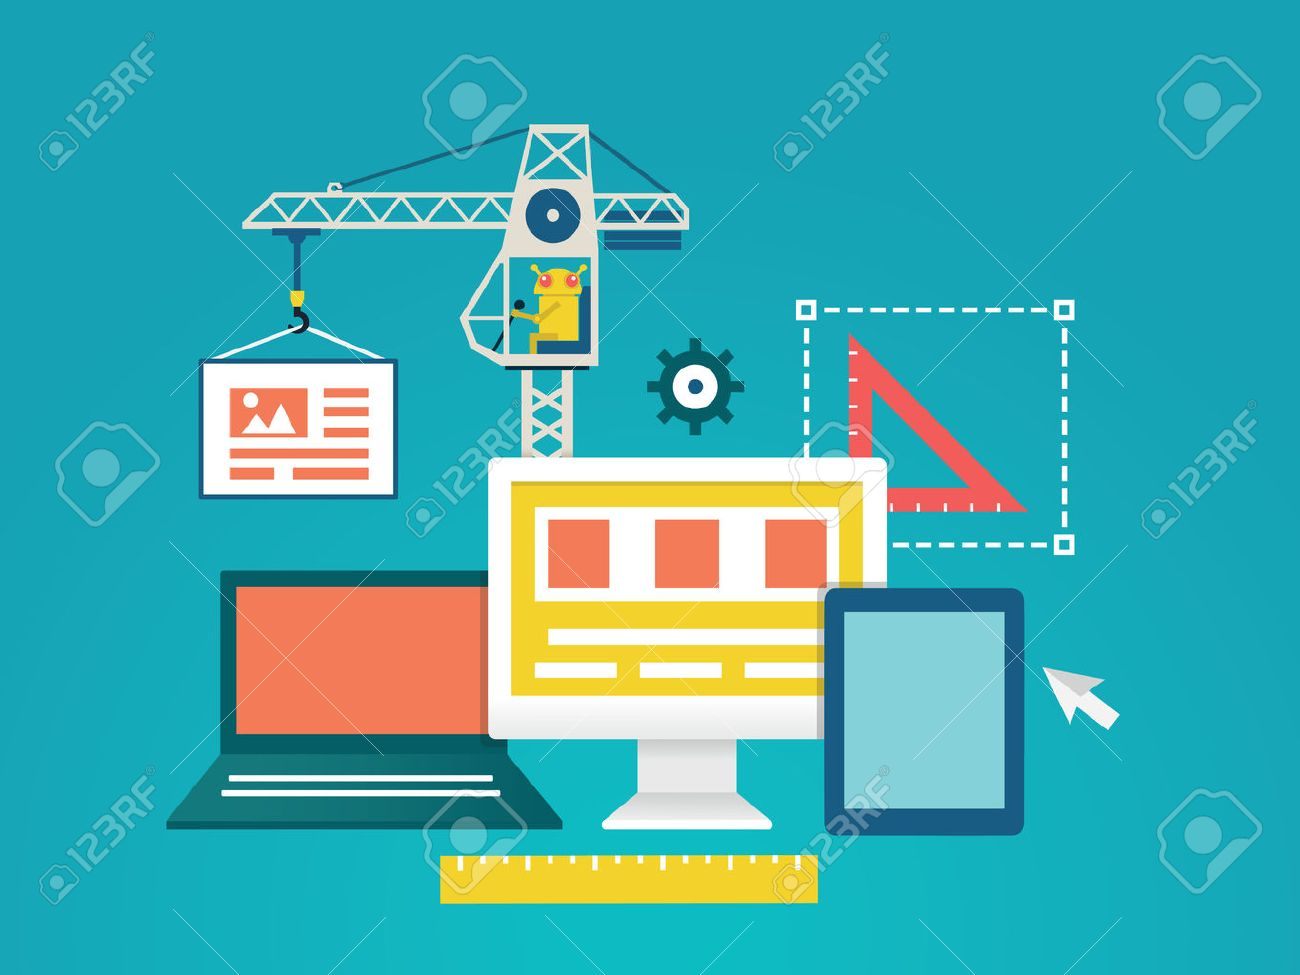 Vector Plana Ilustración De Codificación De Procesos Y Programación De Aplicaciones Móviles Para Dispositivos Diseño Y Programación Ilustración Vectorial Ilustraciones Vectoriales Clip Art Vectorizado Libre De Derechos Image 28525331